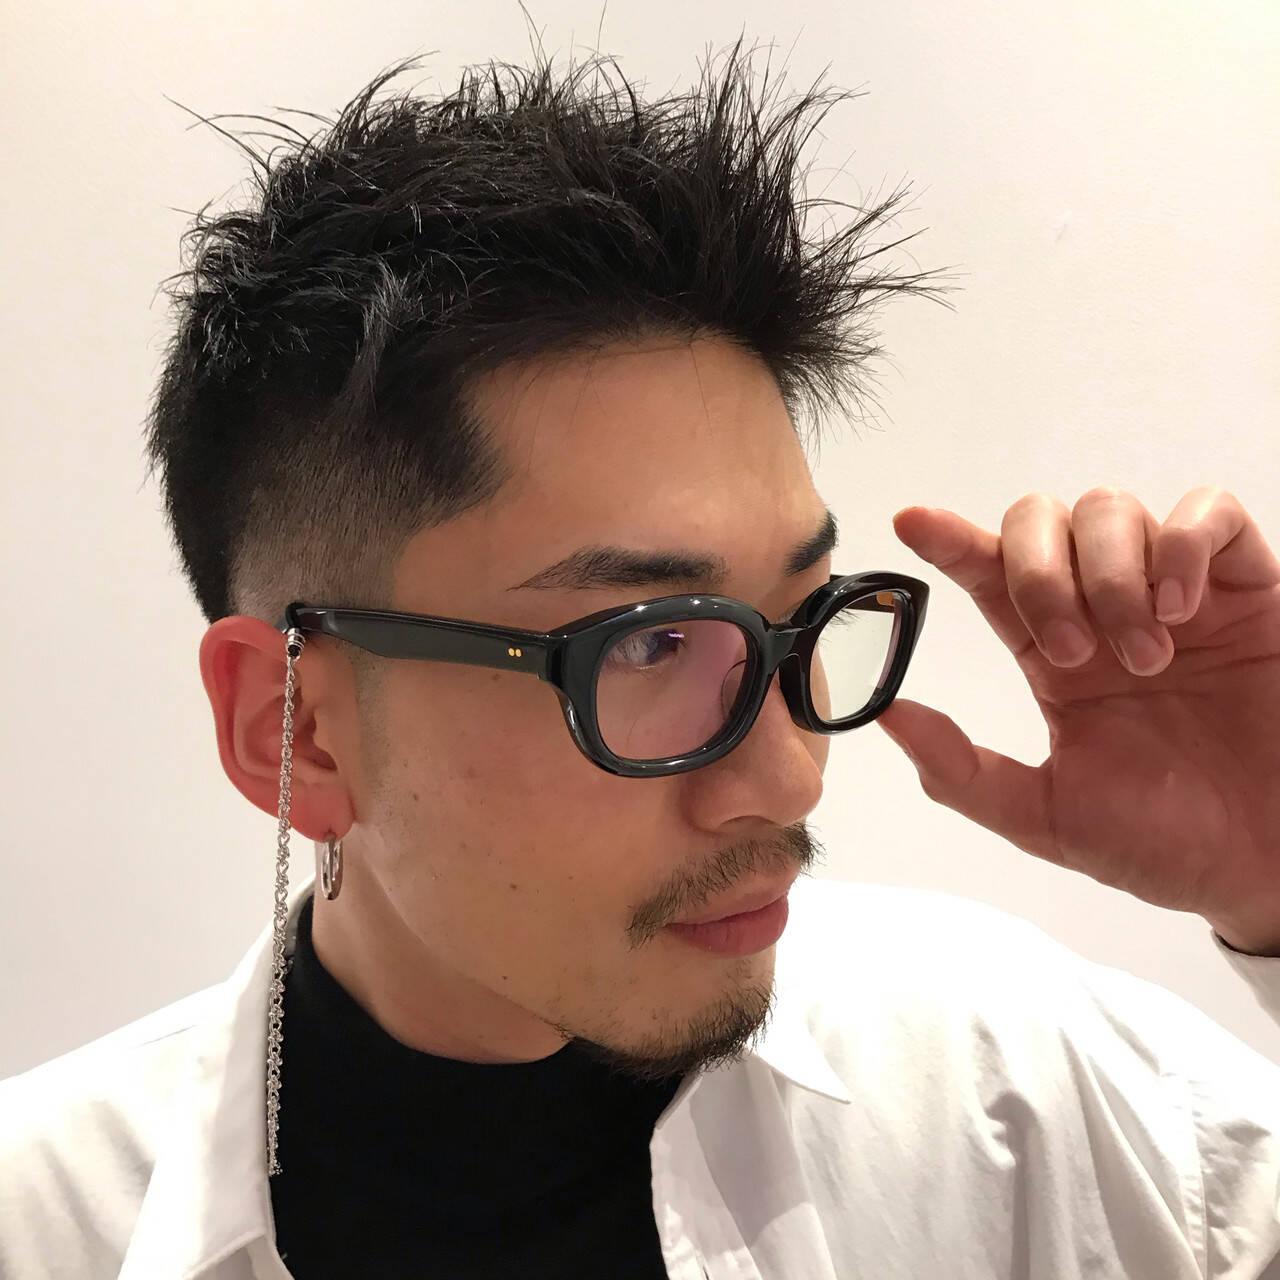 ナチュラル メンズショート スキンフェード メンズカットヘアスタイルや髪型の写真・画像